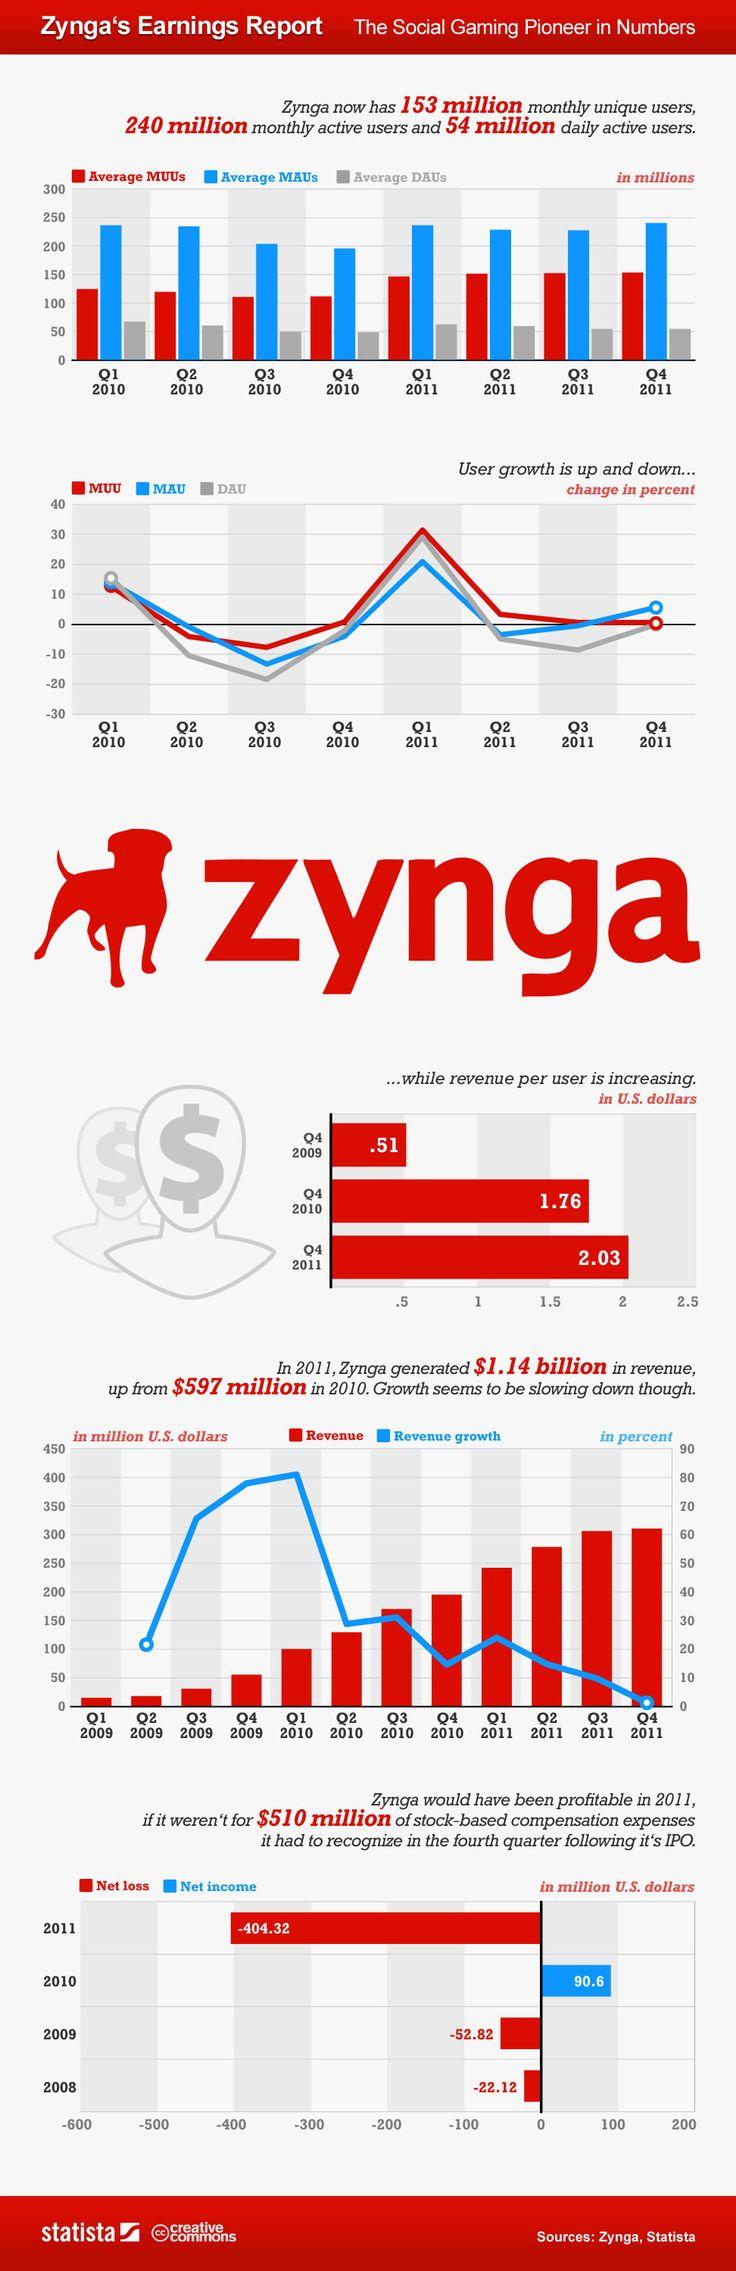 Zynga Earnings Report: Numbers Infographic, De Zynga, Social Infographic, Social Media, Social Games, Earn Reports, Infographic Image, Zynga Infografía, Zynga Earn